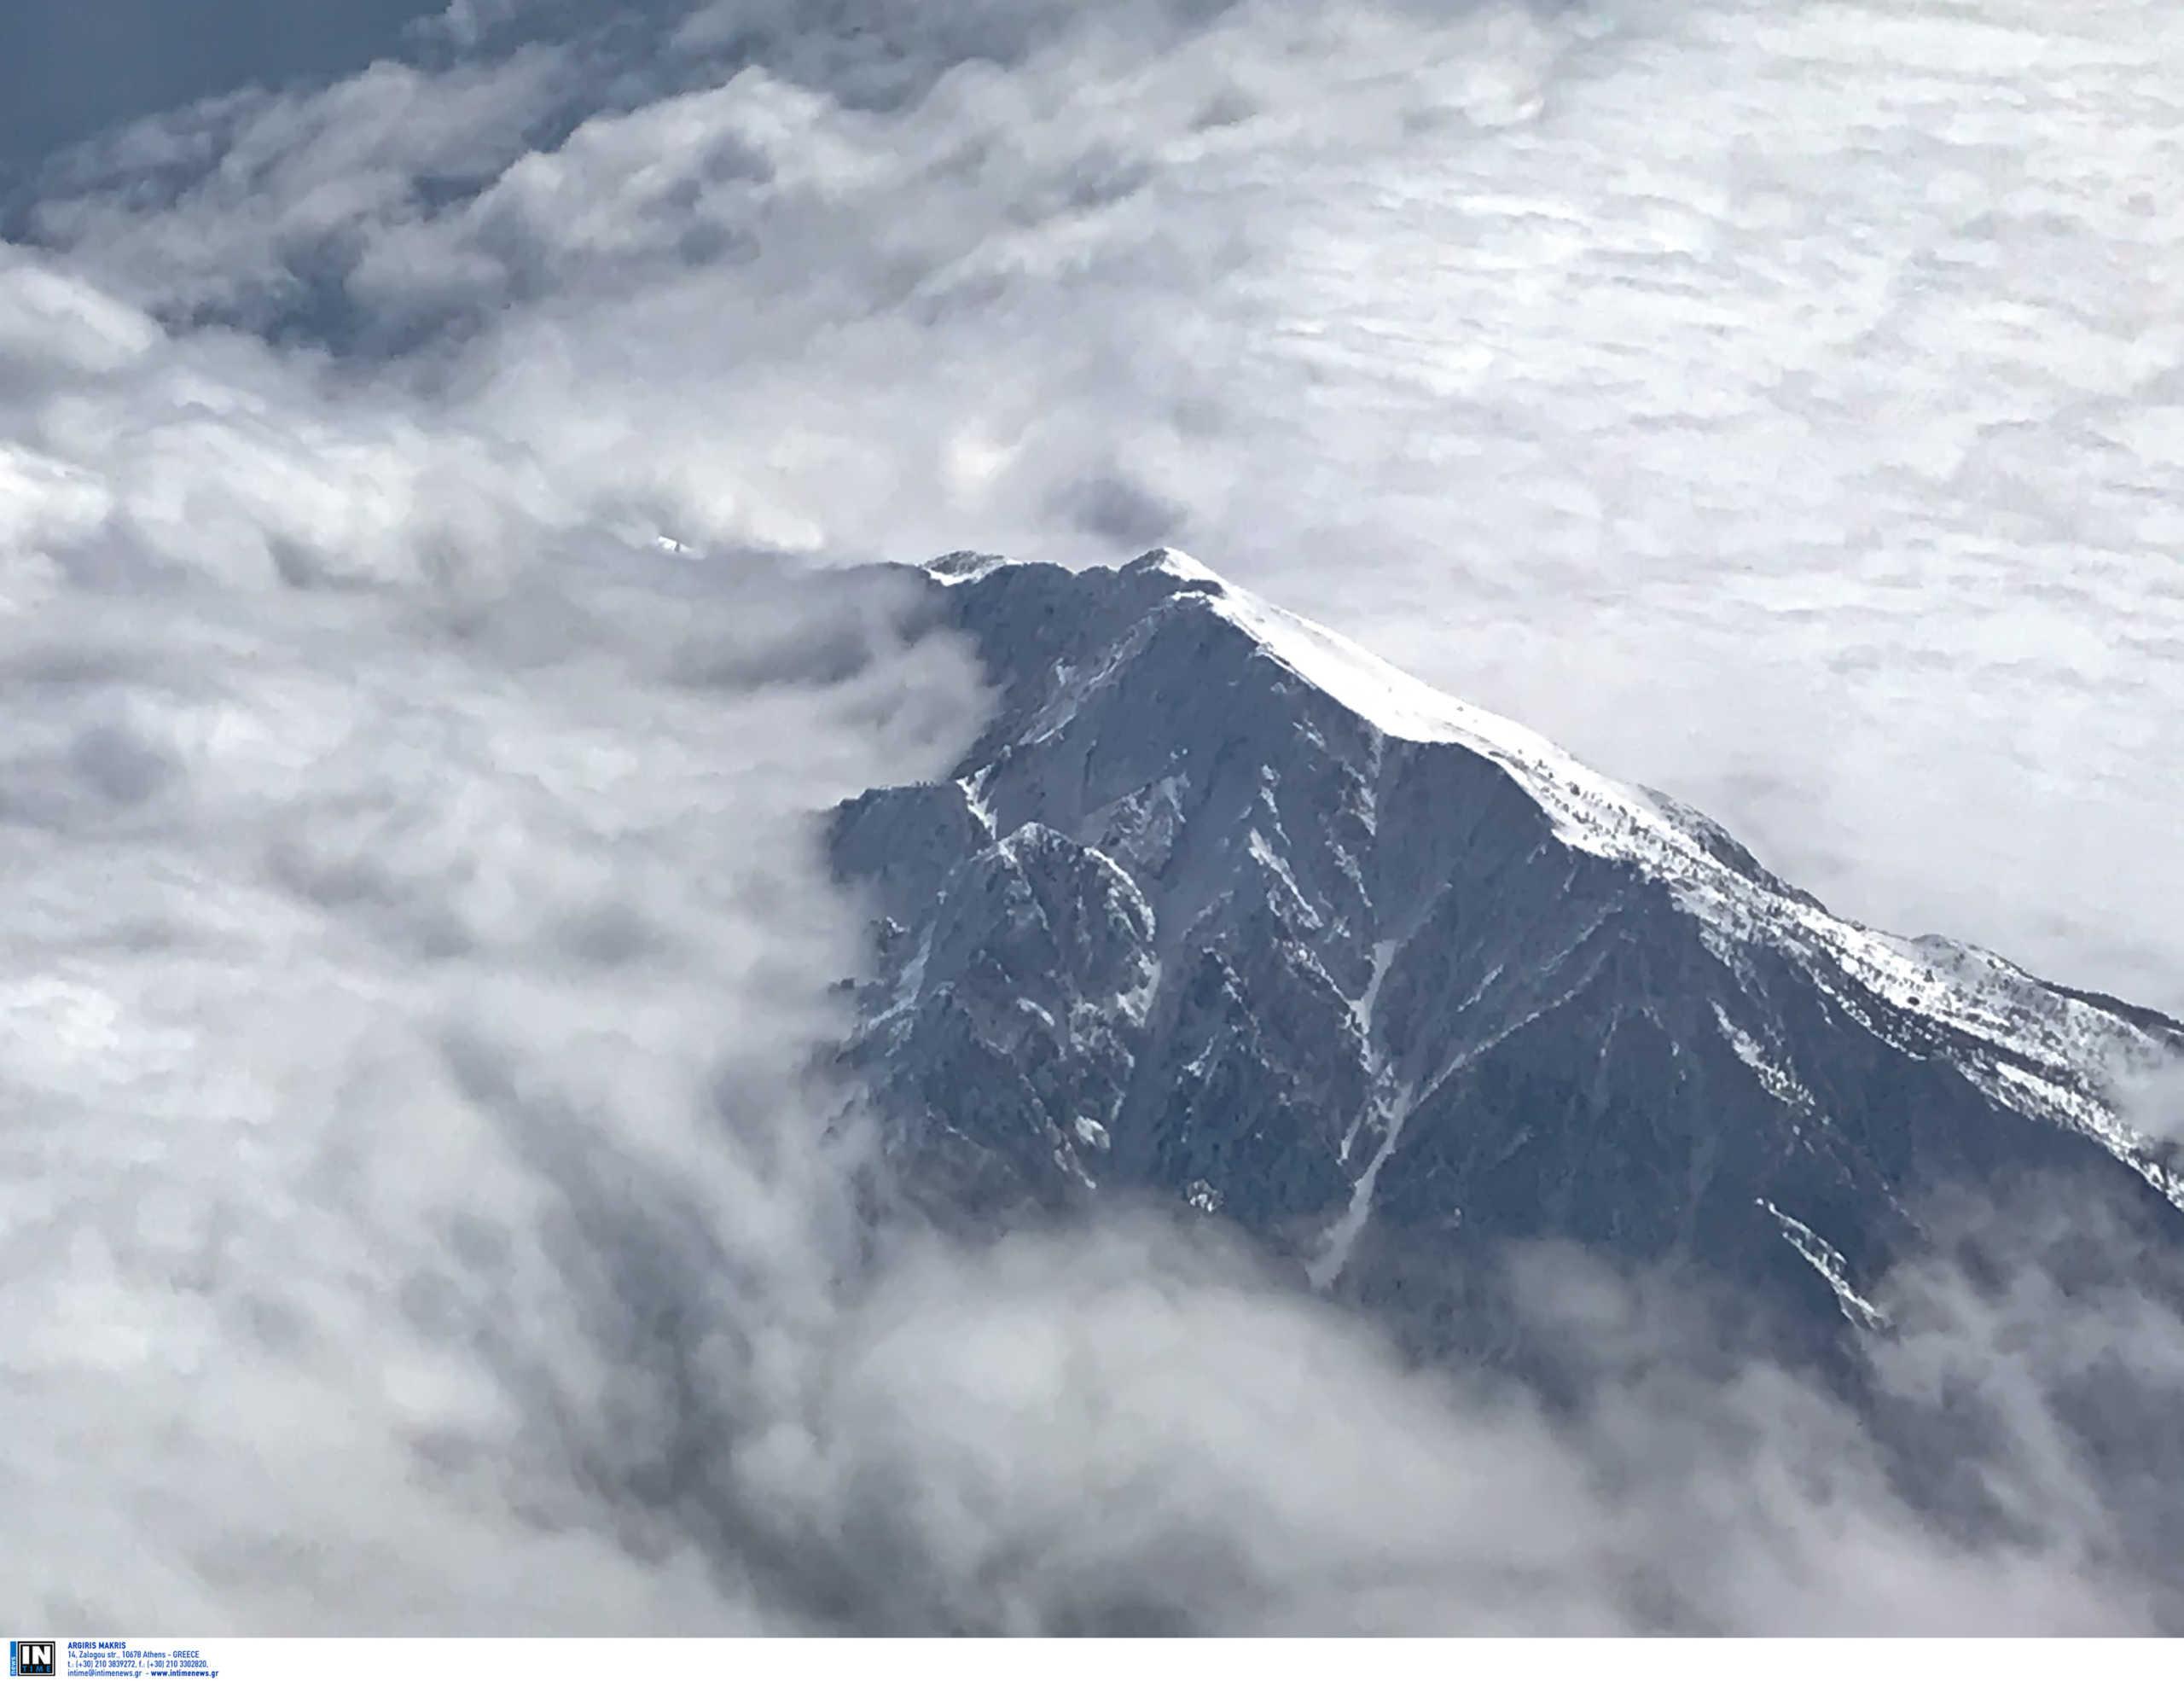 Η Γη… τρέμει λιγότερο – Πώς ο κορονοϊός επηρέασε τους σεισμούς